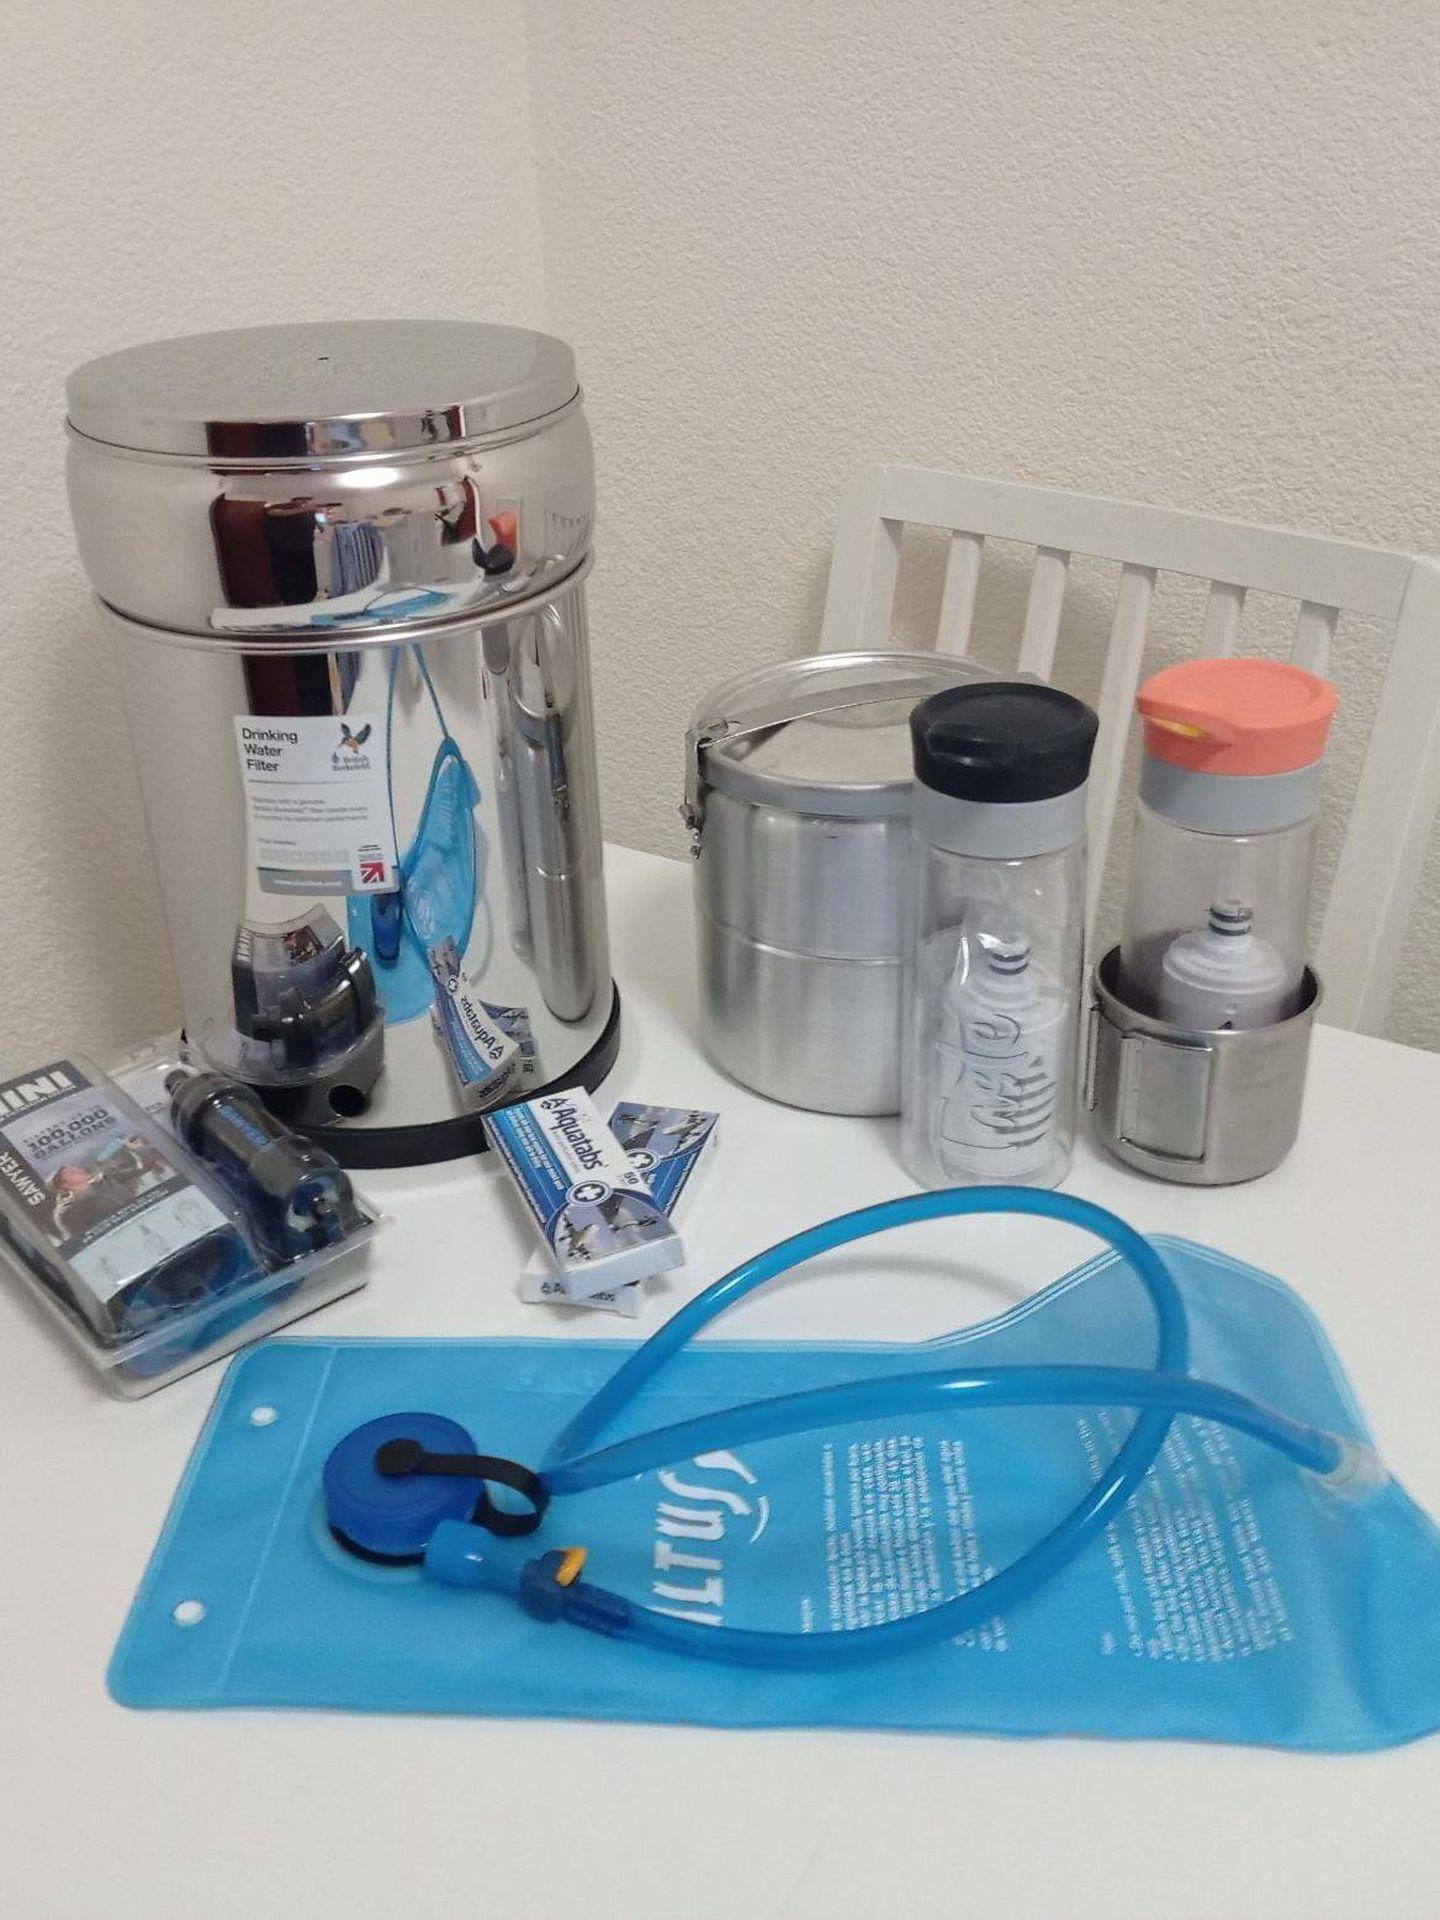 Filtros de potabilización de agua, en botella, un filtro por gravedad, pastillas potabilizadoras... (Preppers España)